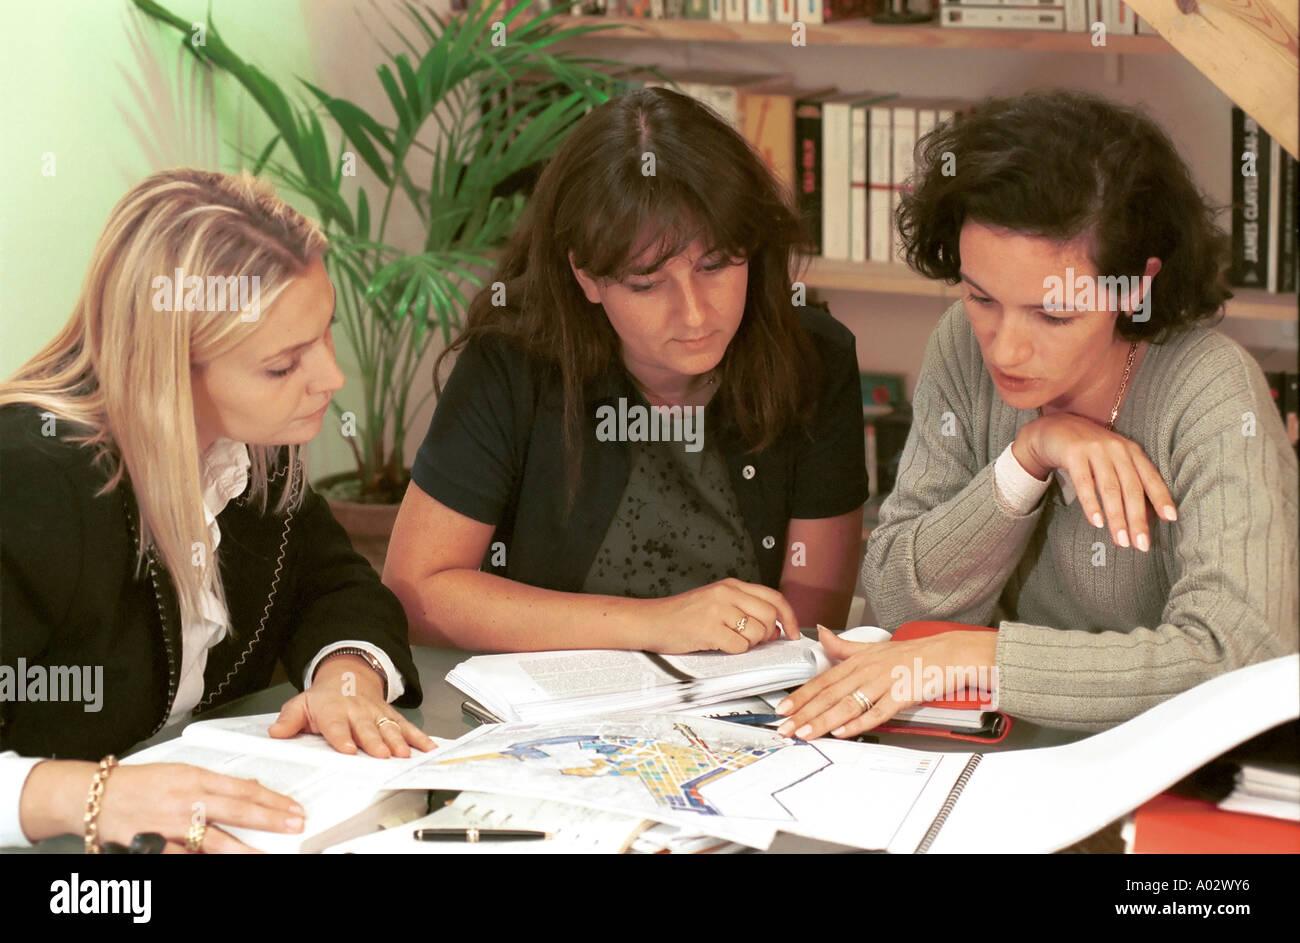 Réunion des femmes d'affaires - Discuter et collaborer autour d'une table de bureau Photo Stock